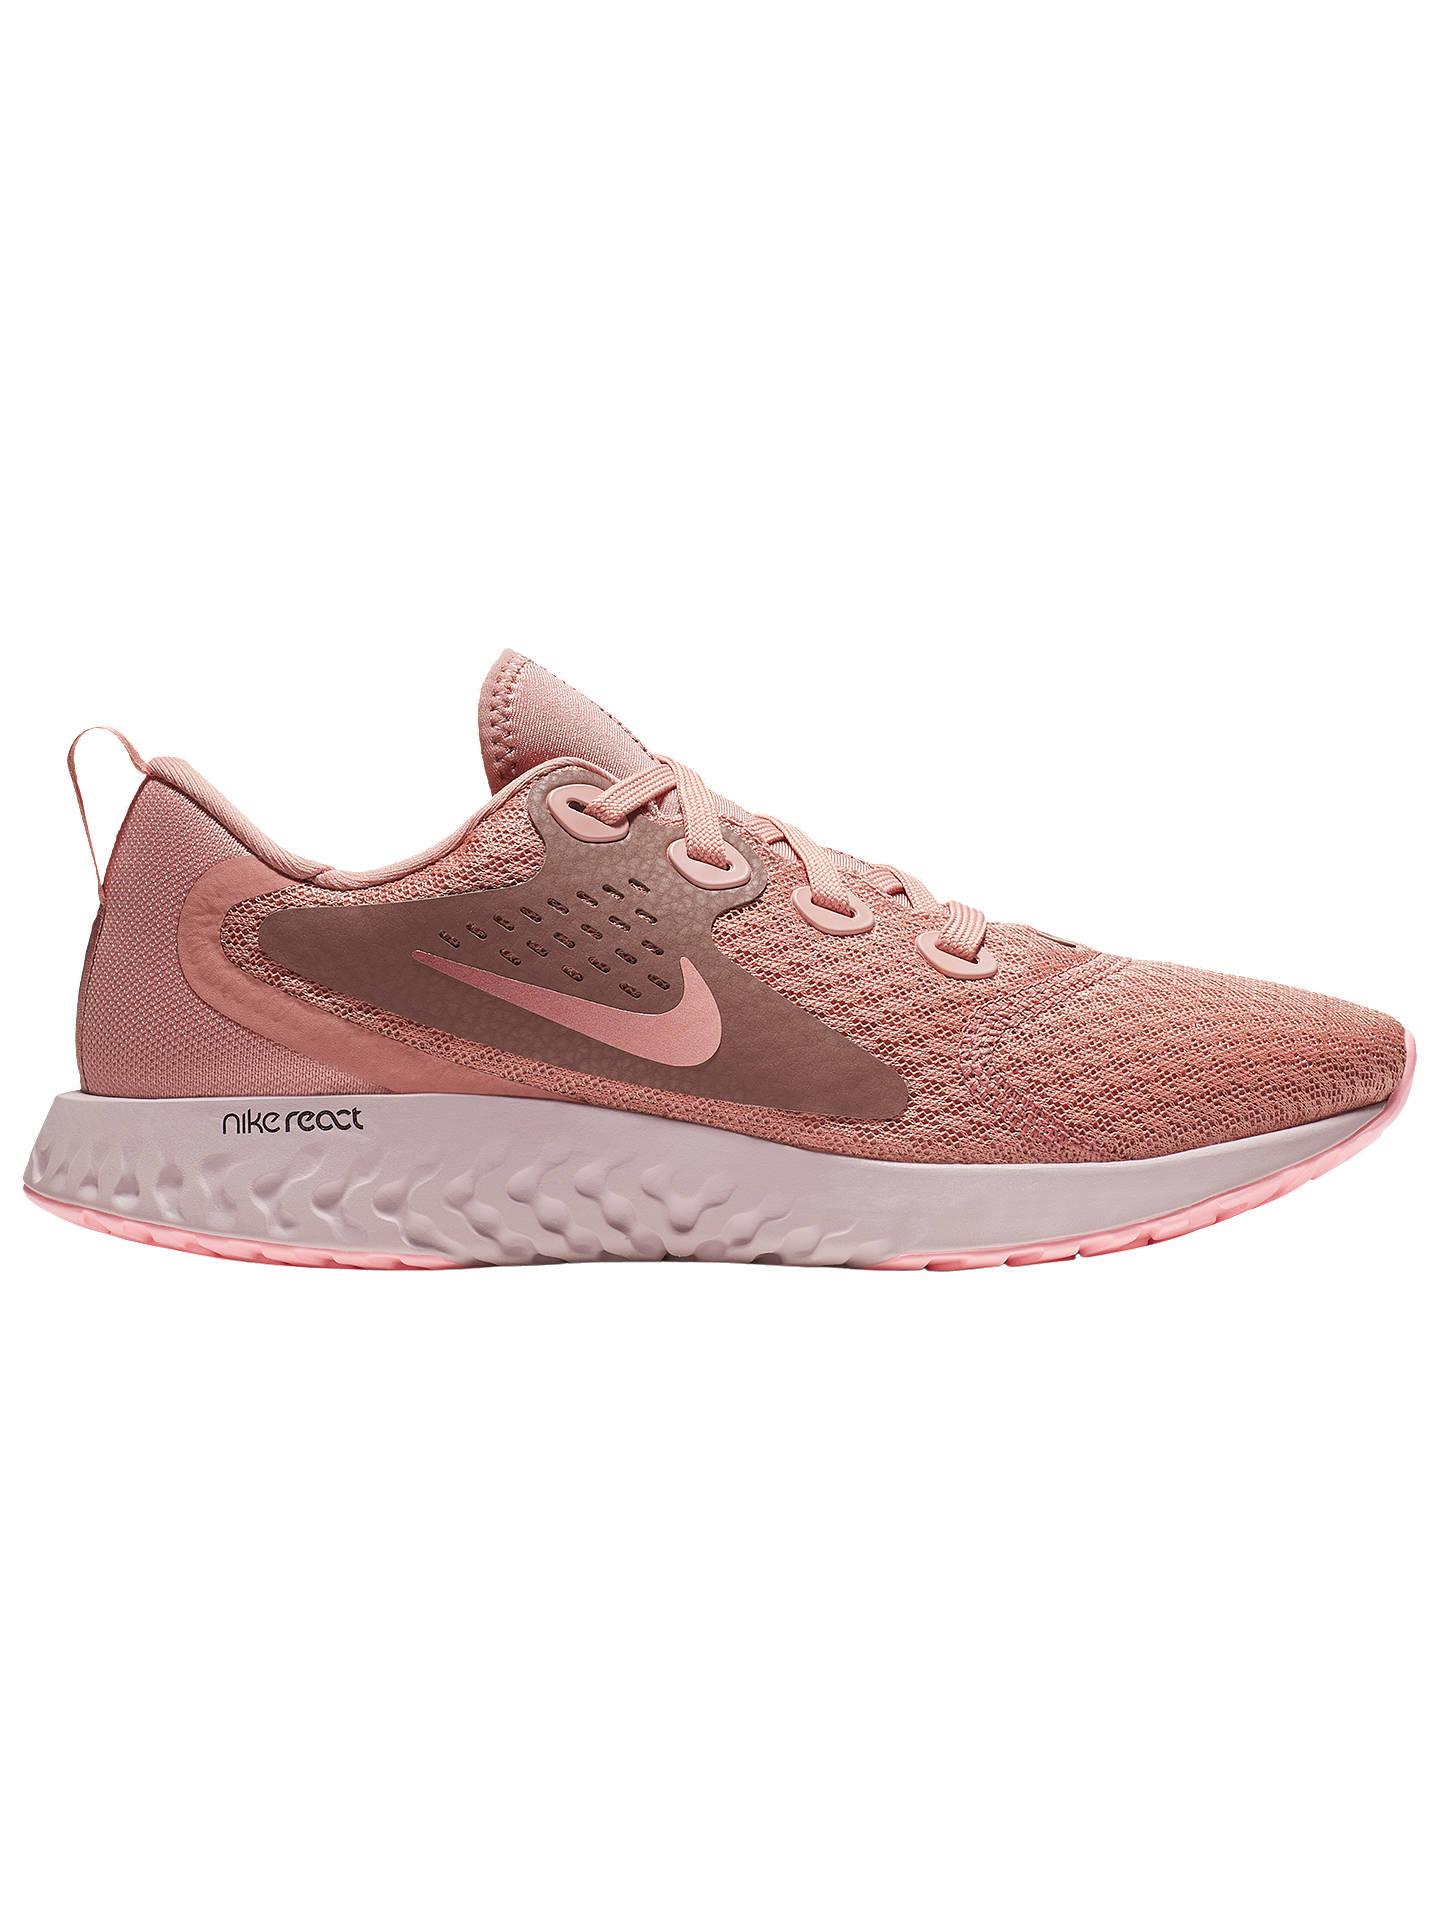 9de0486b71a0 Buy Nike Legend React Women s Running Shoe